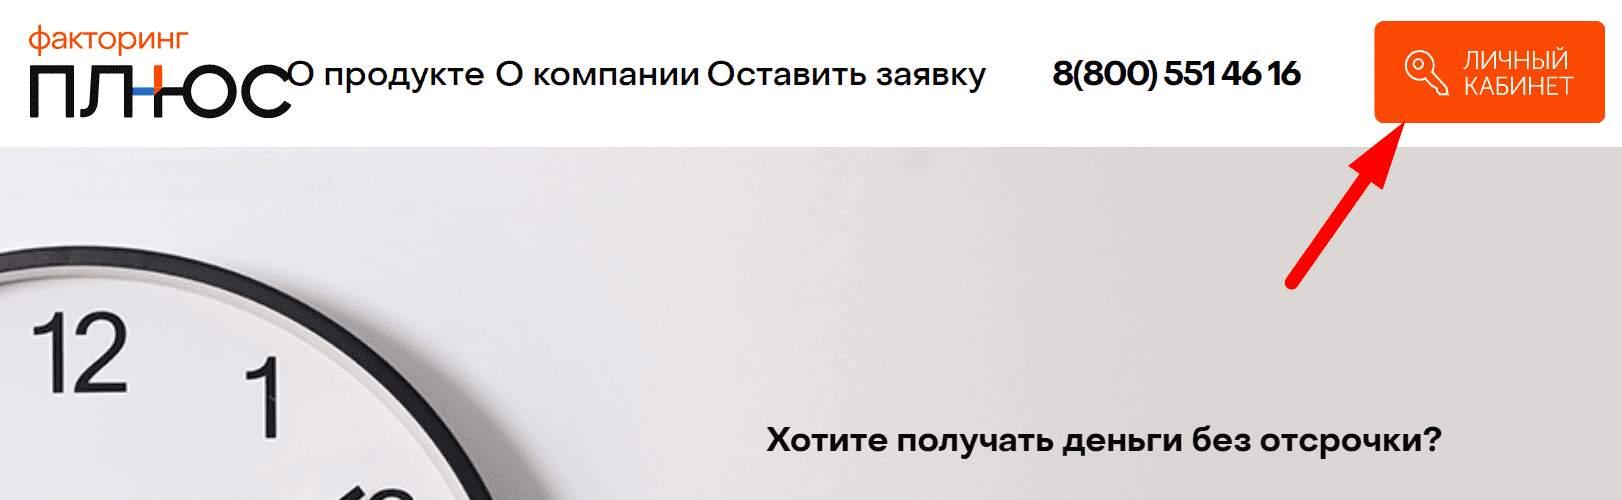 Сайт компании «Факторинг плюс»